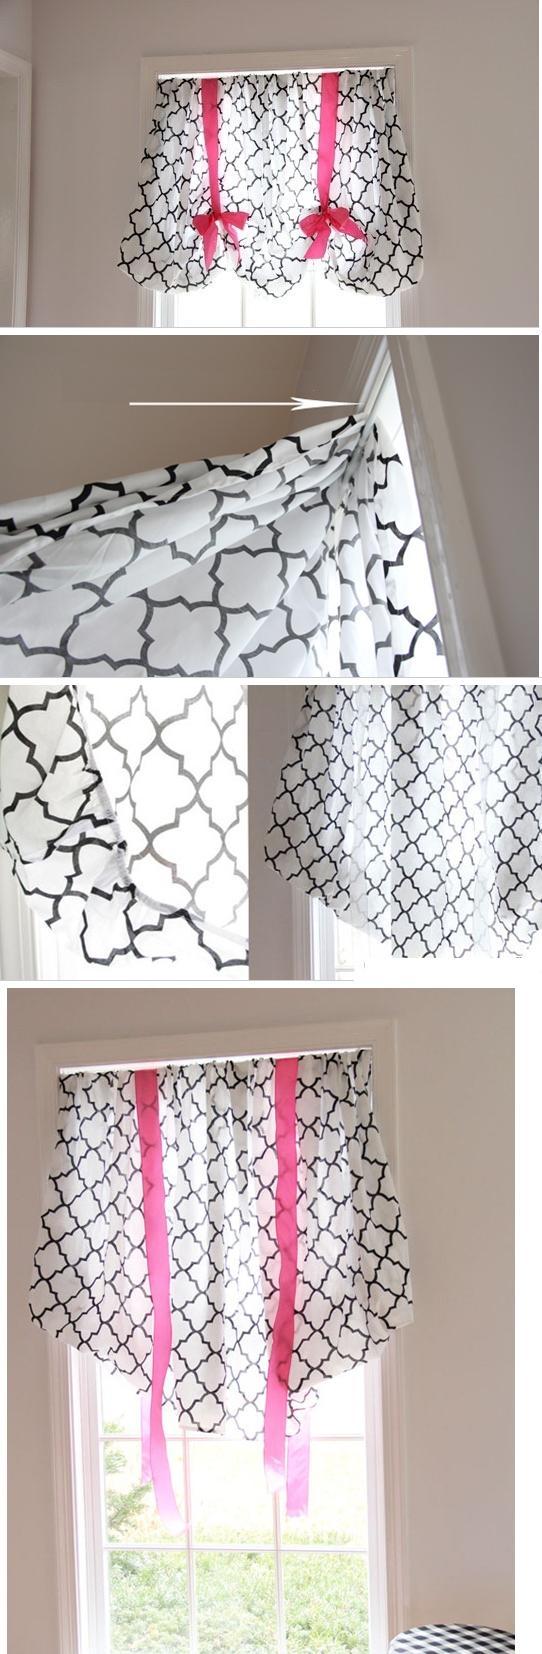 cortinas-sin-coser 6